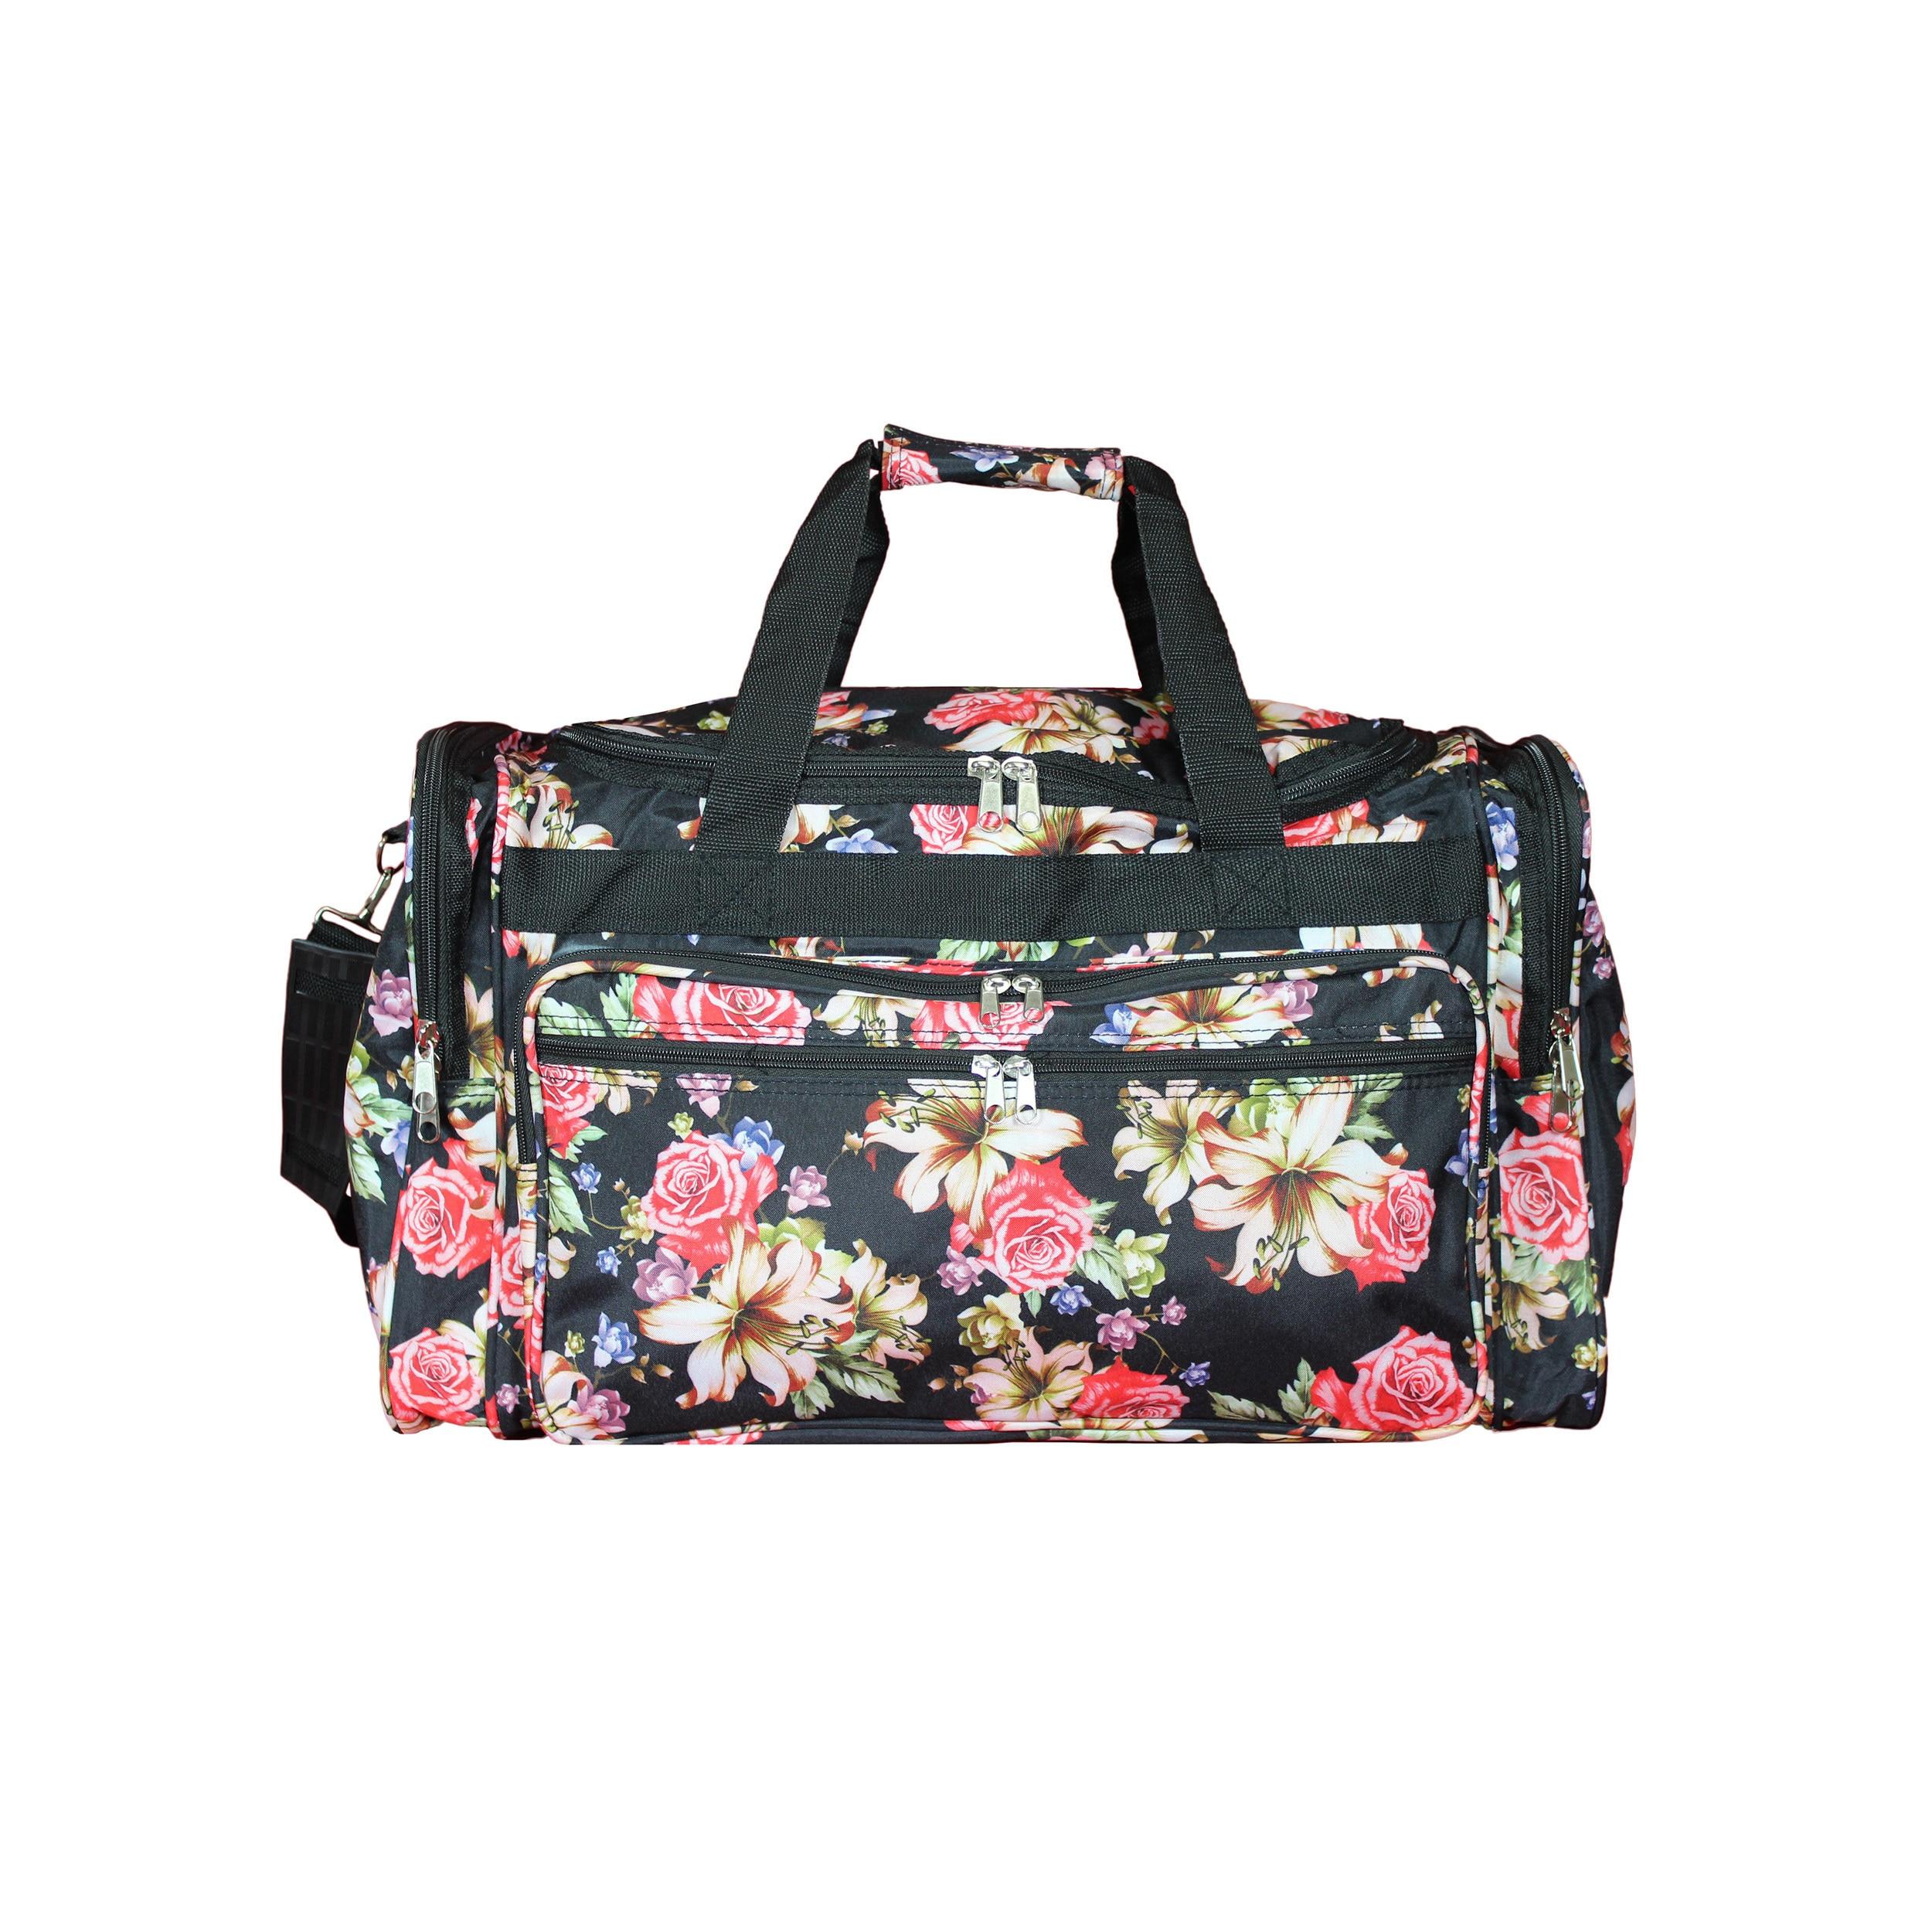 Shop World Traveler Flower Bloom 16 Inch Lightweight Carry On Duffle